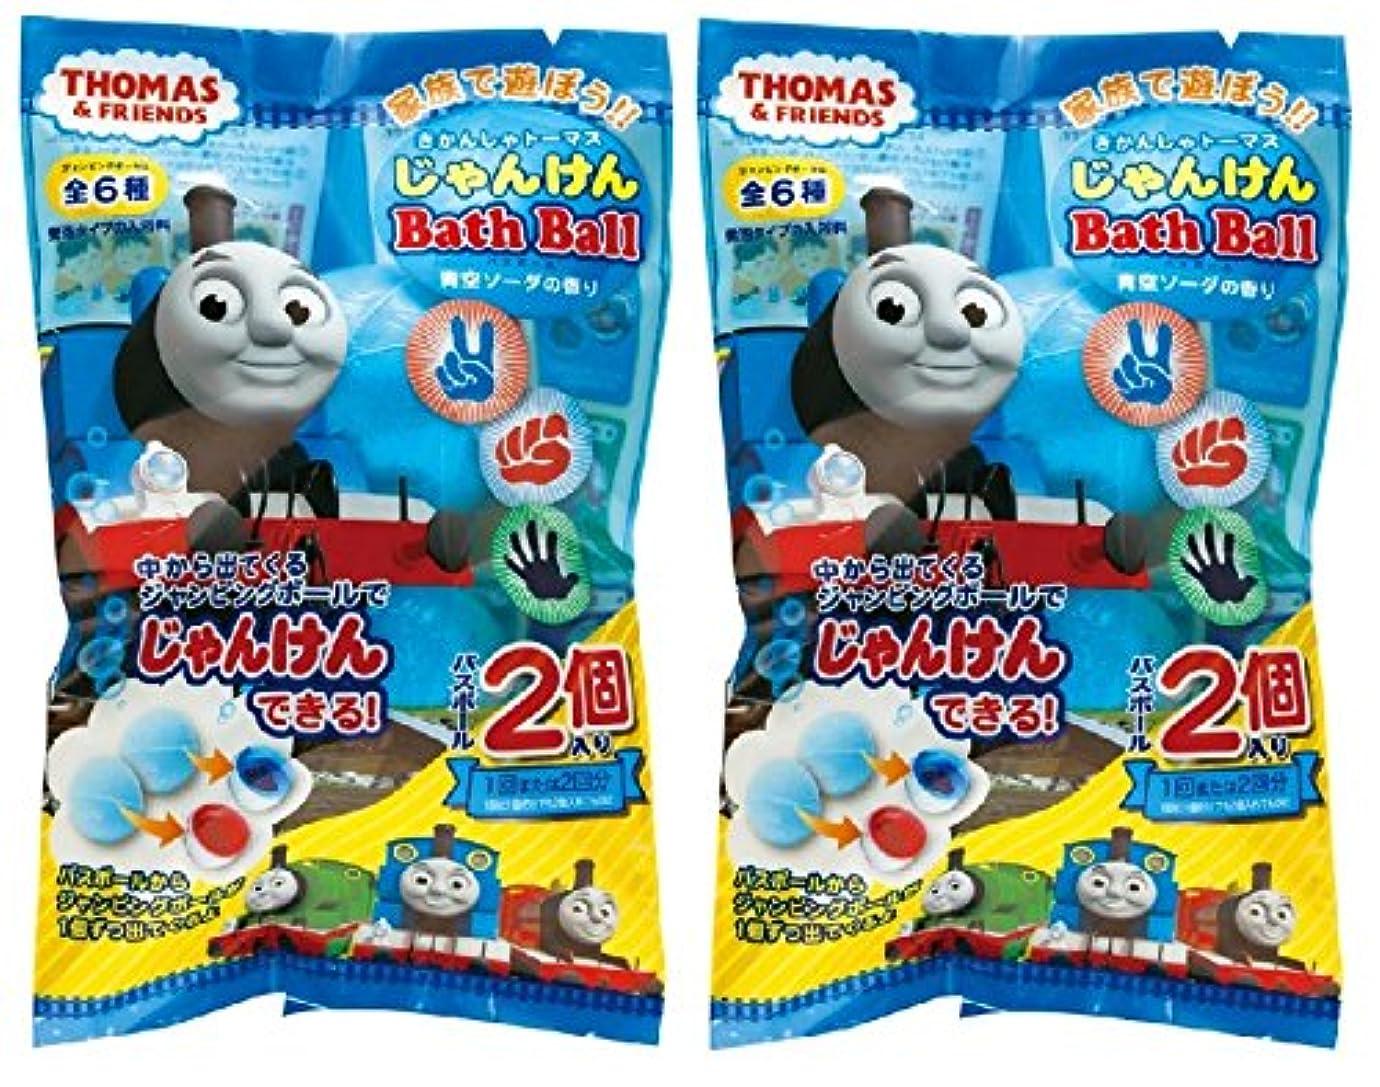 ラオス人プレゼンター研磨【2袋セット】きかんしゃトーマス 入浴剤 じゃんけんバスボール 2個入り おまけ付き 青色ソーダの香り OB-TOB-4-1